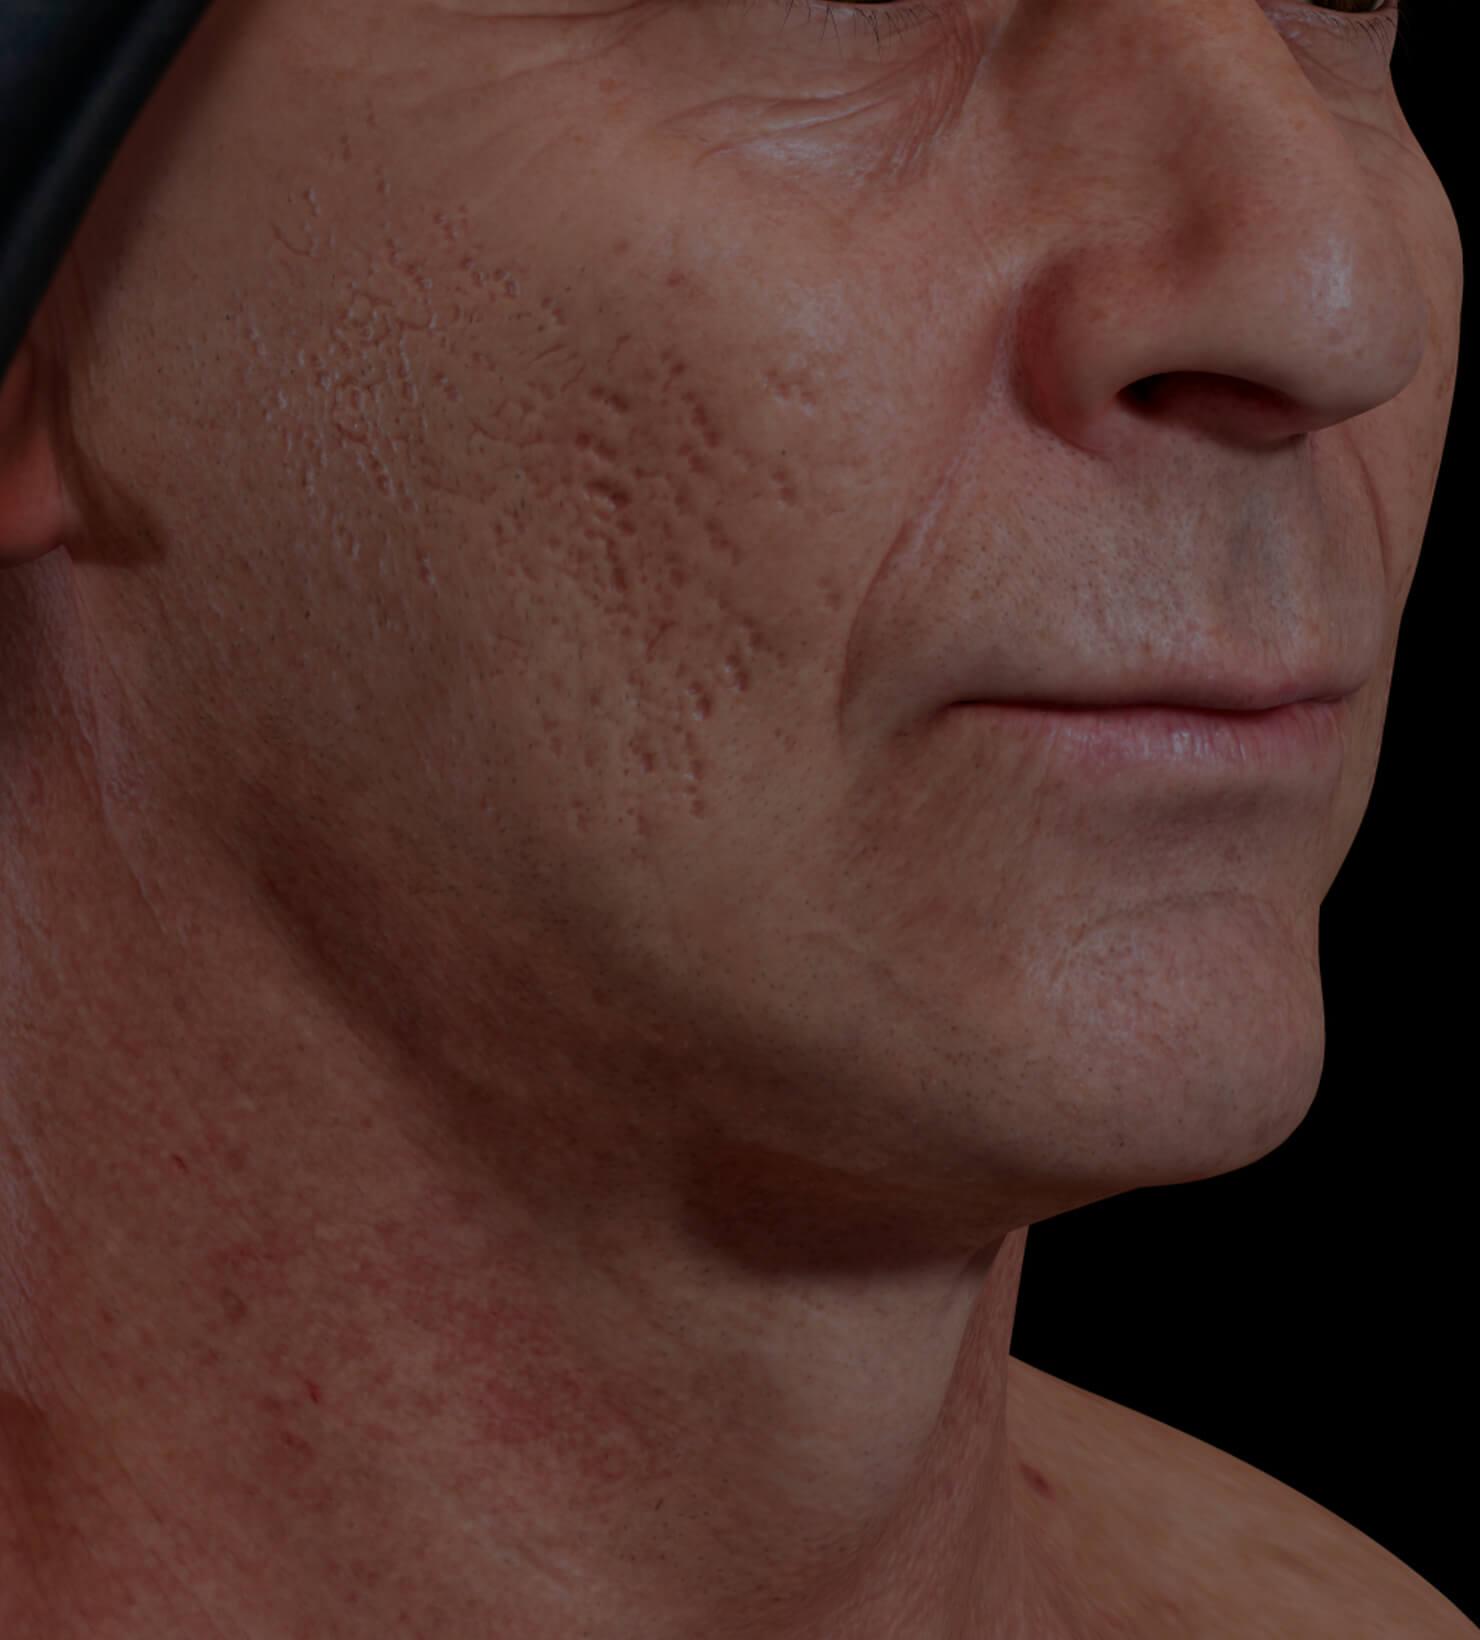 Patient de la Clinique Chloé aux prises avec des cicatrices d'acné traité avec la radiofréquence fractionnée Venus Viva